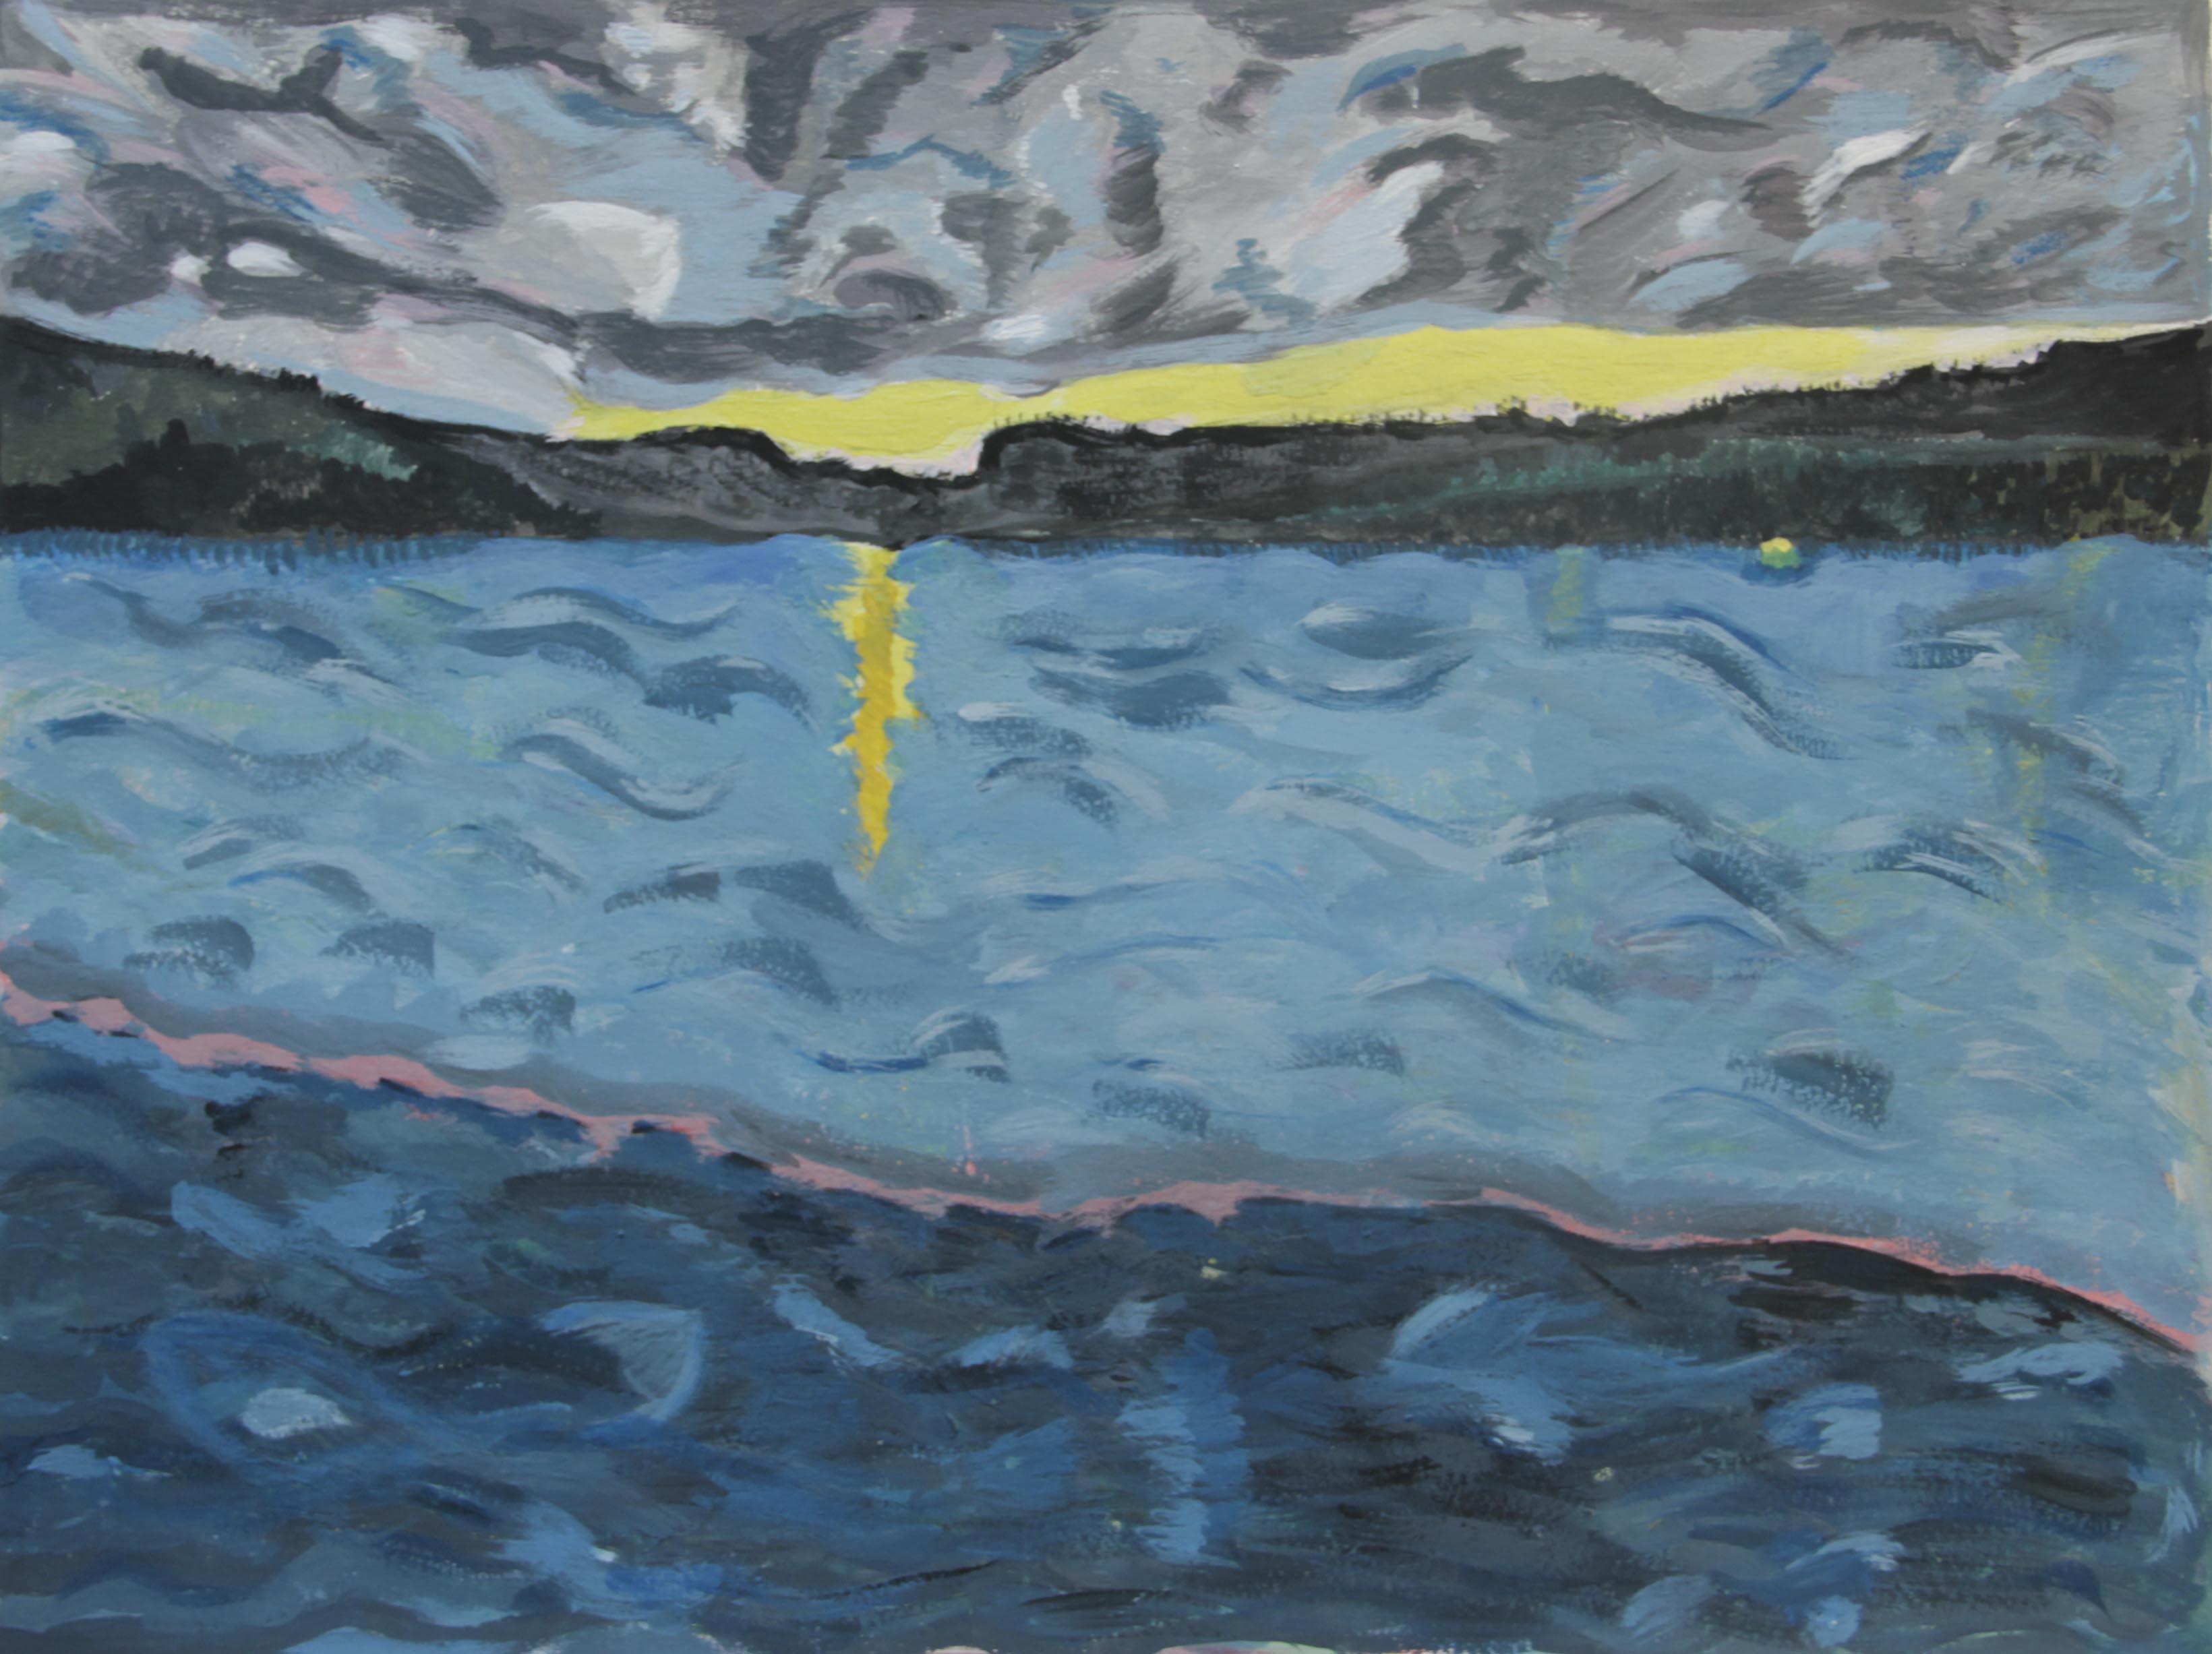 Valerie Lux, 45x60